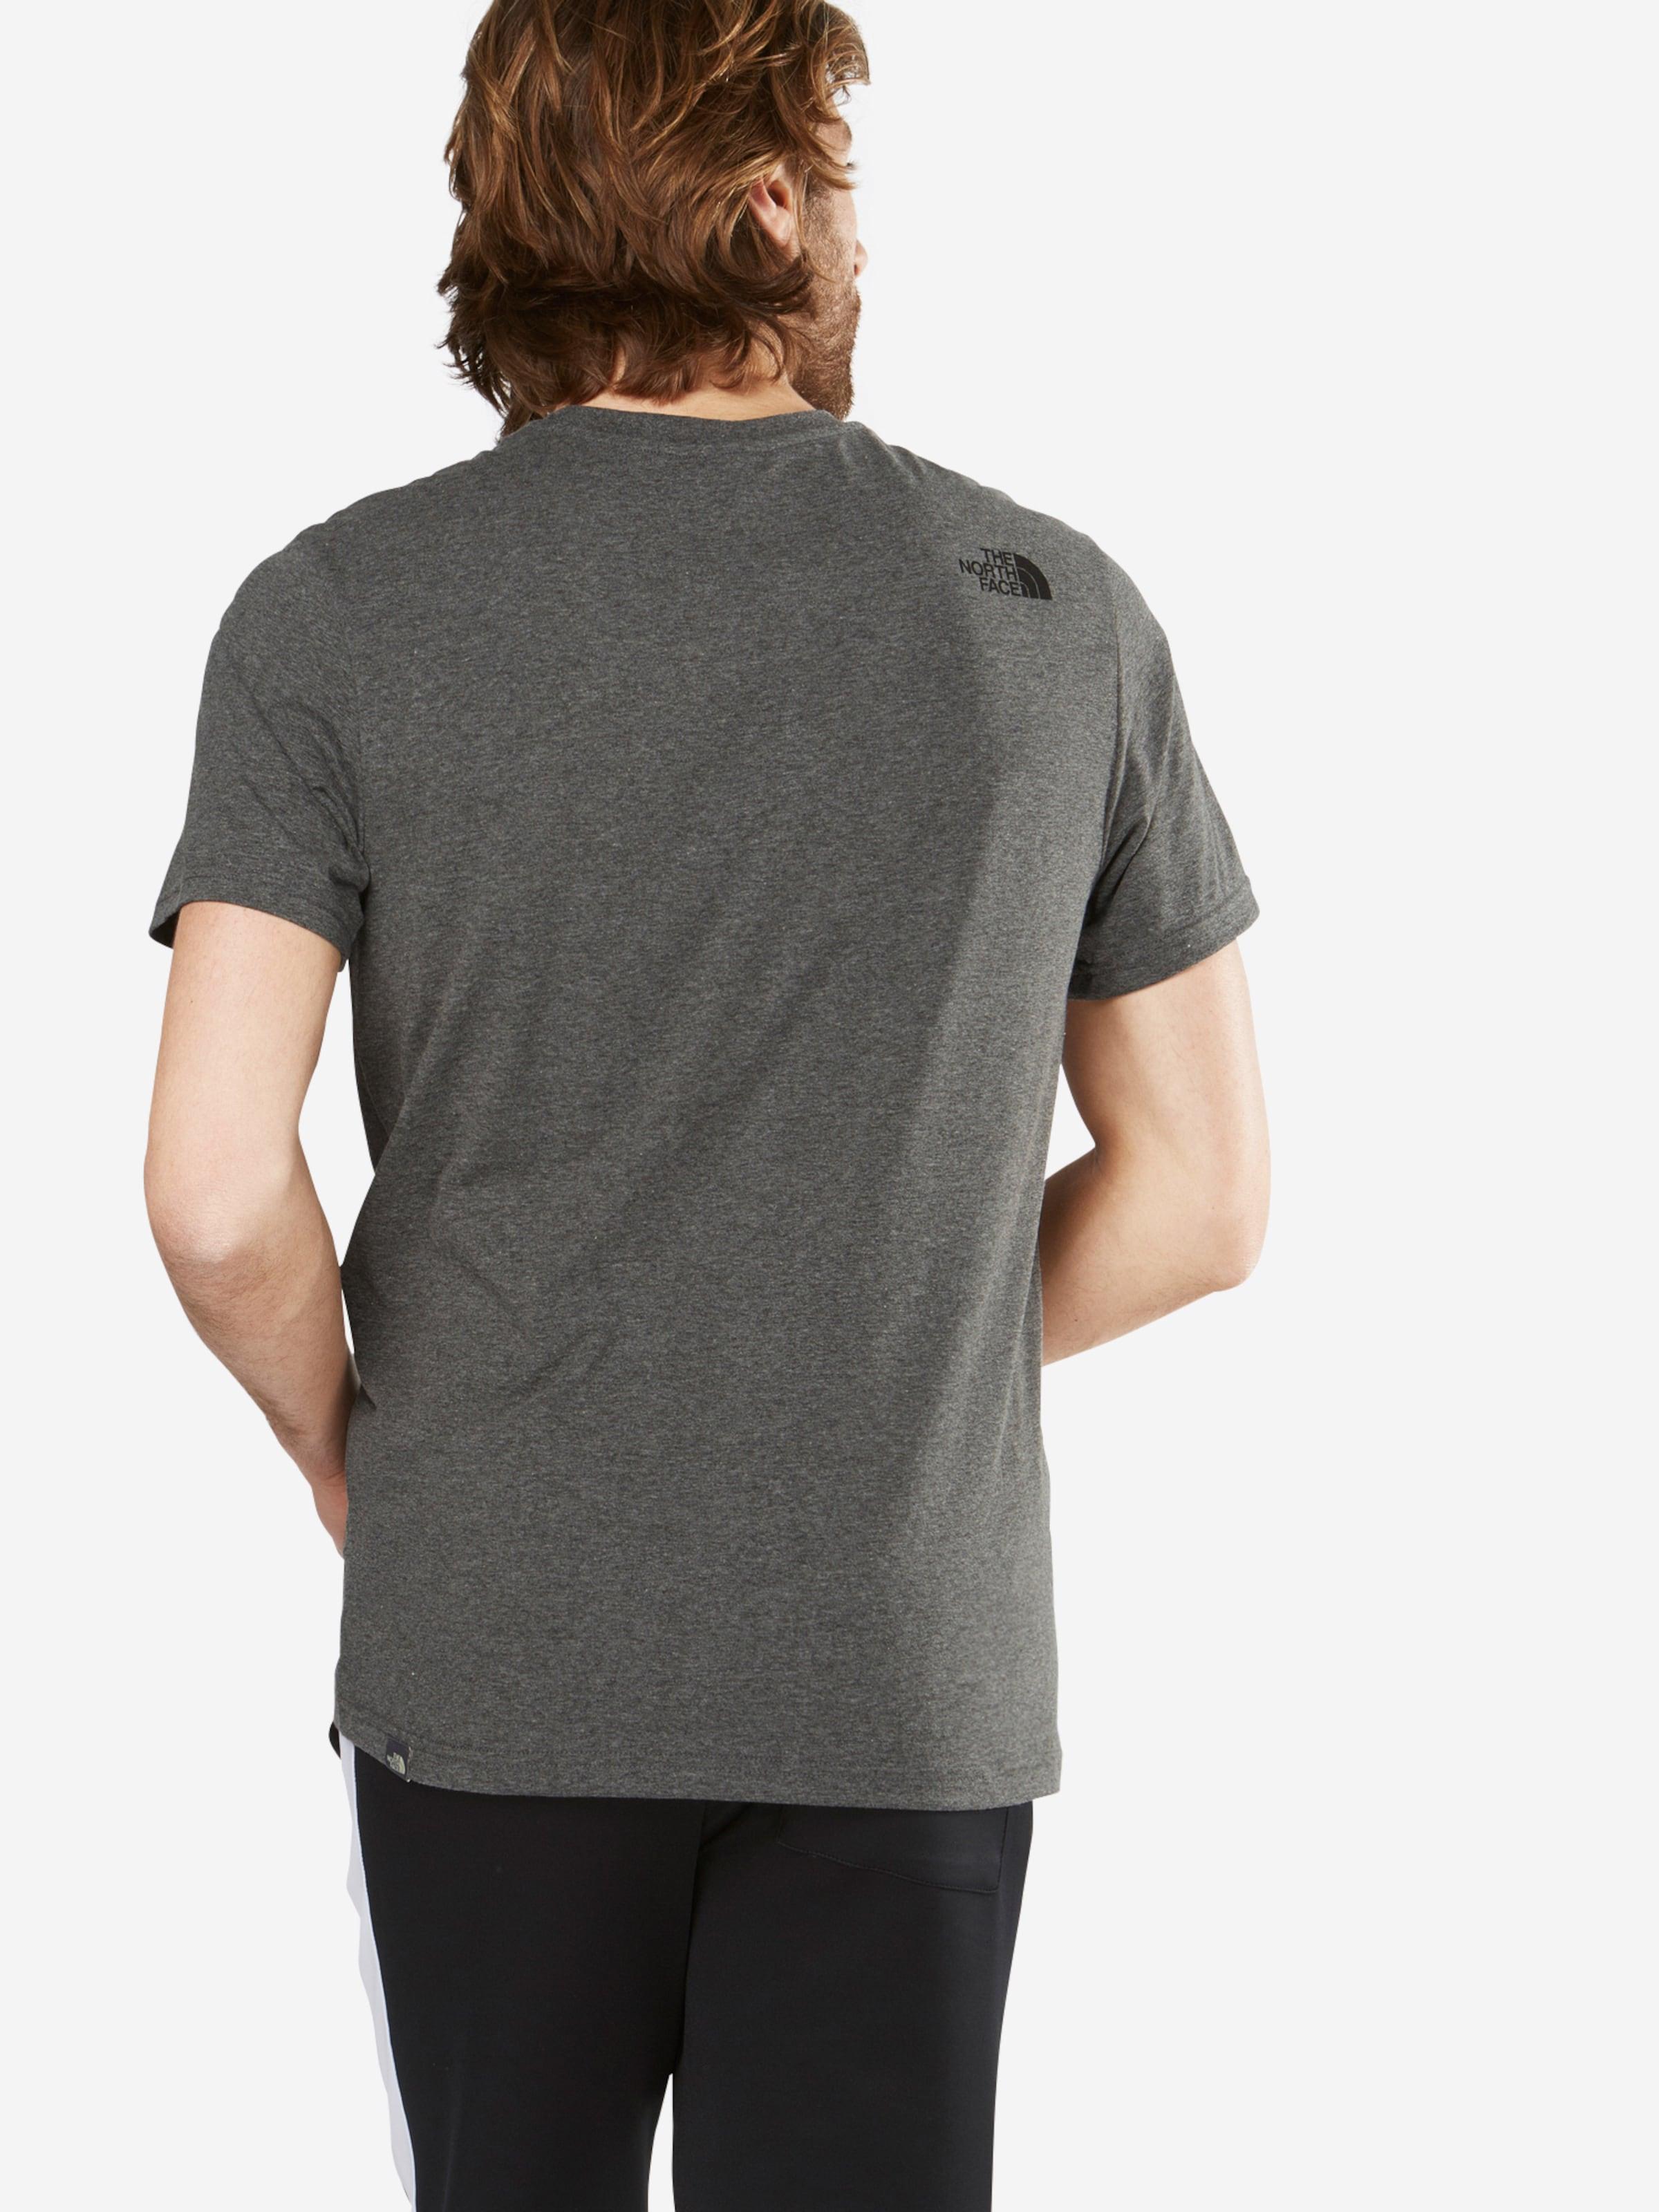 THE NORTH FACE T-Shirt 'Simple Dom' Spielraum Marktfähig jPUFFFuYdZ